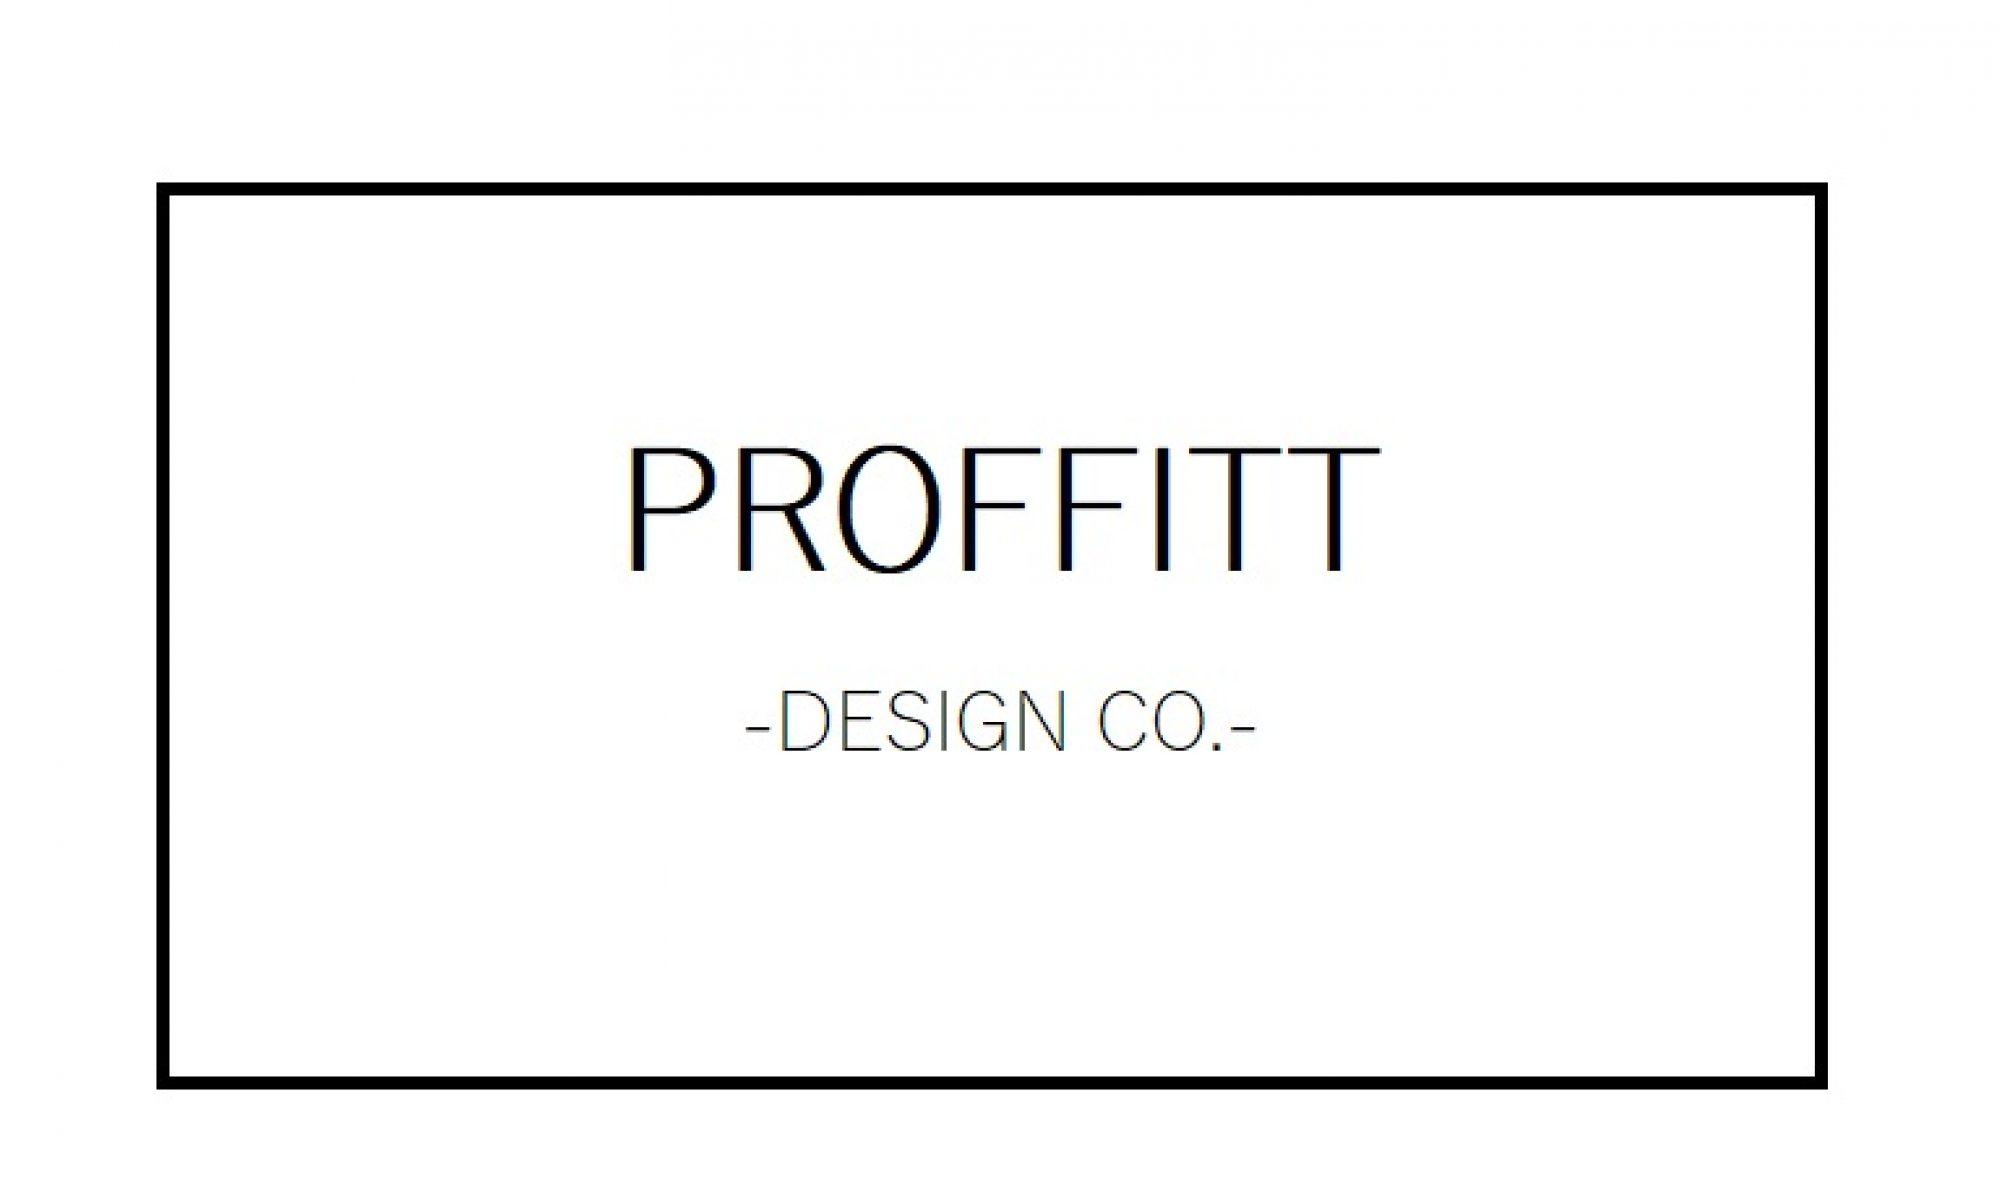 Proffitt Design Co.